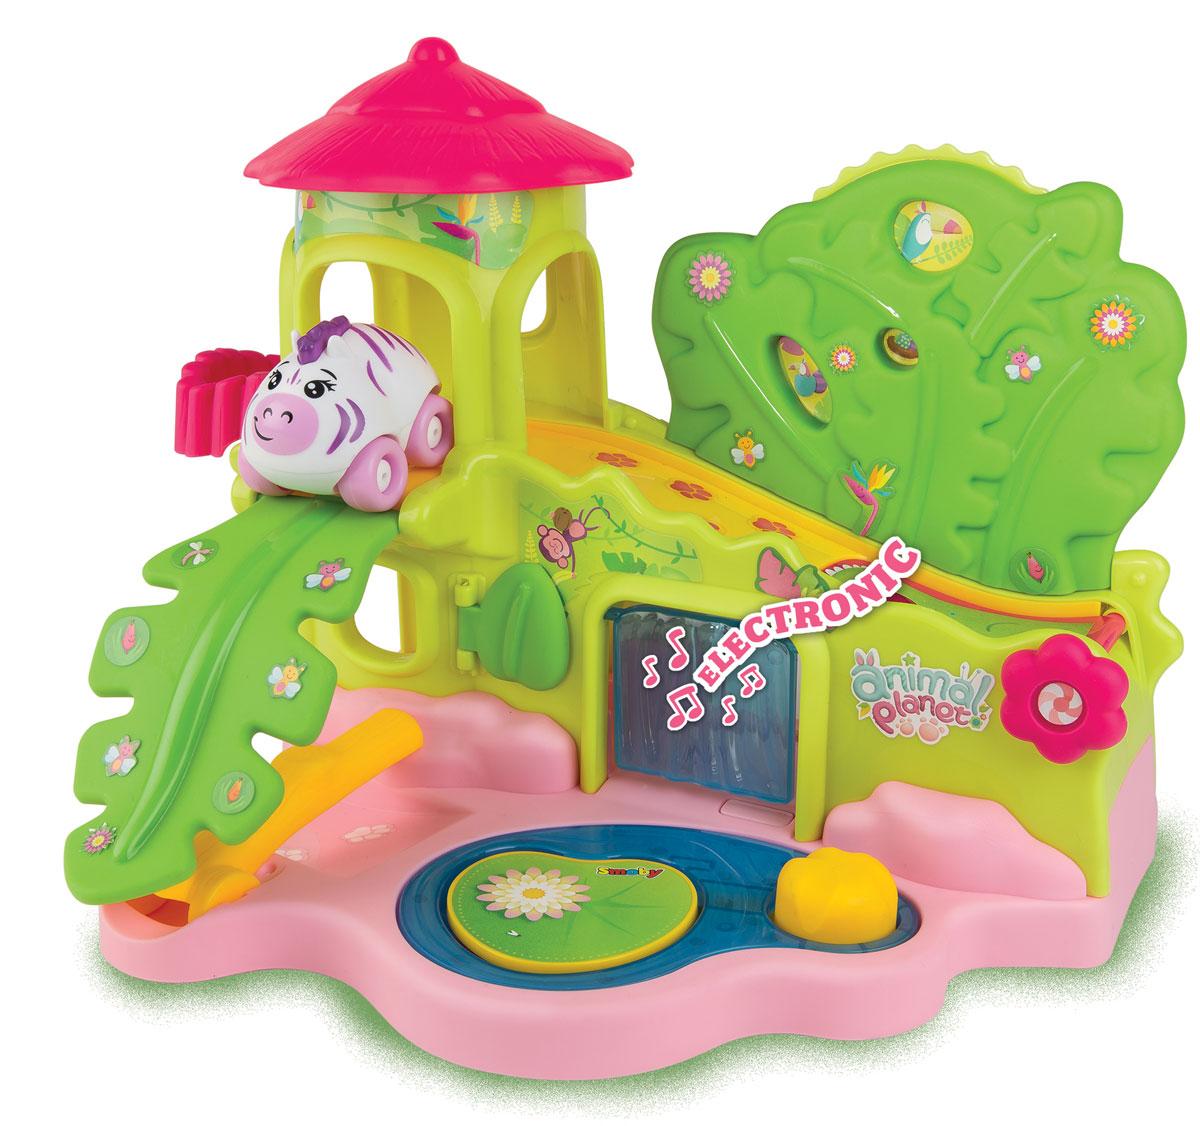 Smoby Игровой набор Animal Planet Домик в джунглях211393Игровой набор Animal Planet Домик в джунглях содержит машинку Animal Planet и замечательный домик для машинки. Машинка выполнена в виде забавной зебры - с веселой мордочкой, гривой и сиреневыми полосками. В таком домике машинка-зебра не заскучает никогда! Здесь есть наклонный пандус с потайным люком, волшебный водопад со звуками джунглей и прыгающая кувшинка на пруду. Машинка может отдыхать на балкончике, или спрятаться в зарослях кустов. Яркий набор привлечёт внимание любого малыша, который с большим удовольствием начнёт придумывать с ним разные игры. С такой игрушкой ваш ребенок не захочет разлучаться! Набор Домик в джунглях развивает мелкую моторику, мышление, зрительное и звуковое восприятие, повышает двигательную активность малышей. Порадуйте вашего ребенка таким замечательным подарком! Рекомендуемый возраст: от 18 месяцев. Для работы требуются 2 батарейки ААА (не входят в комплект).